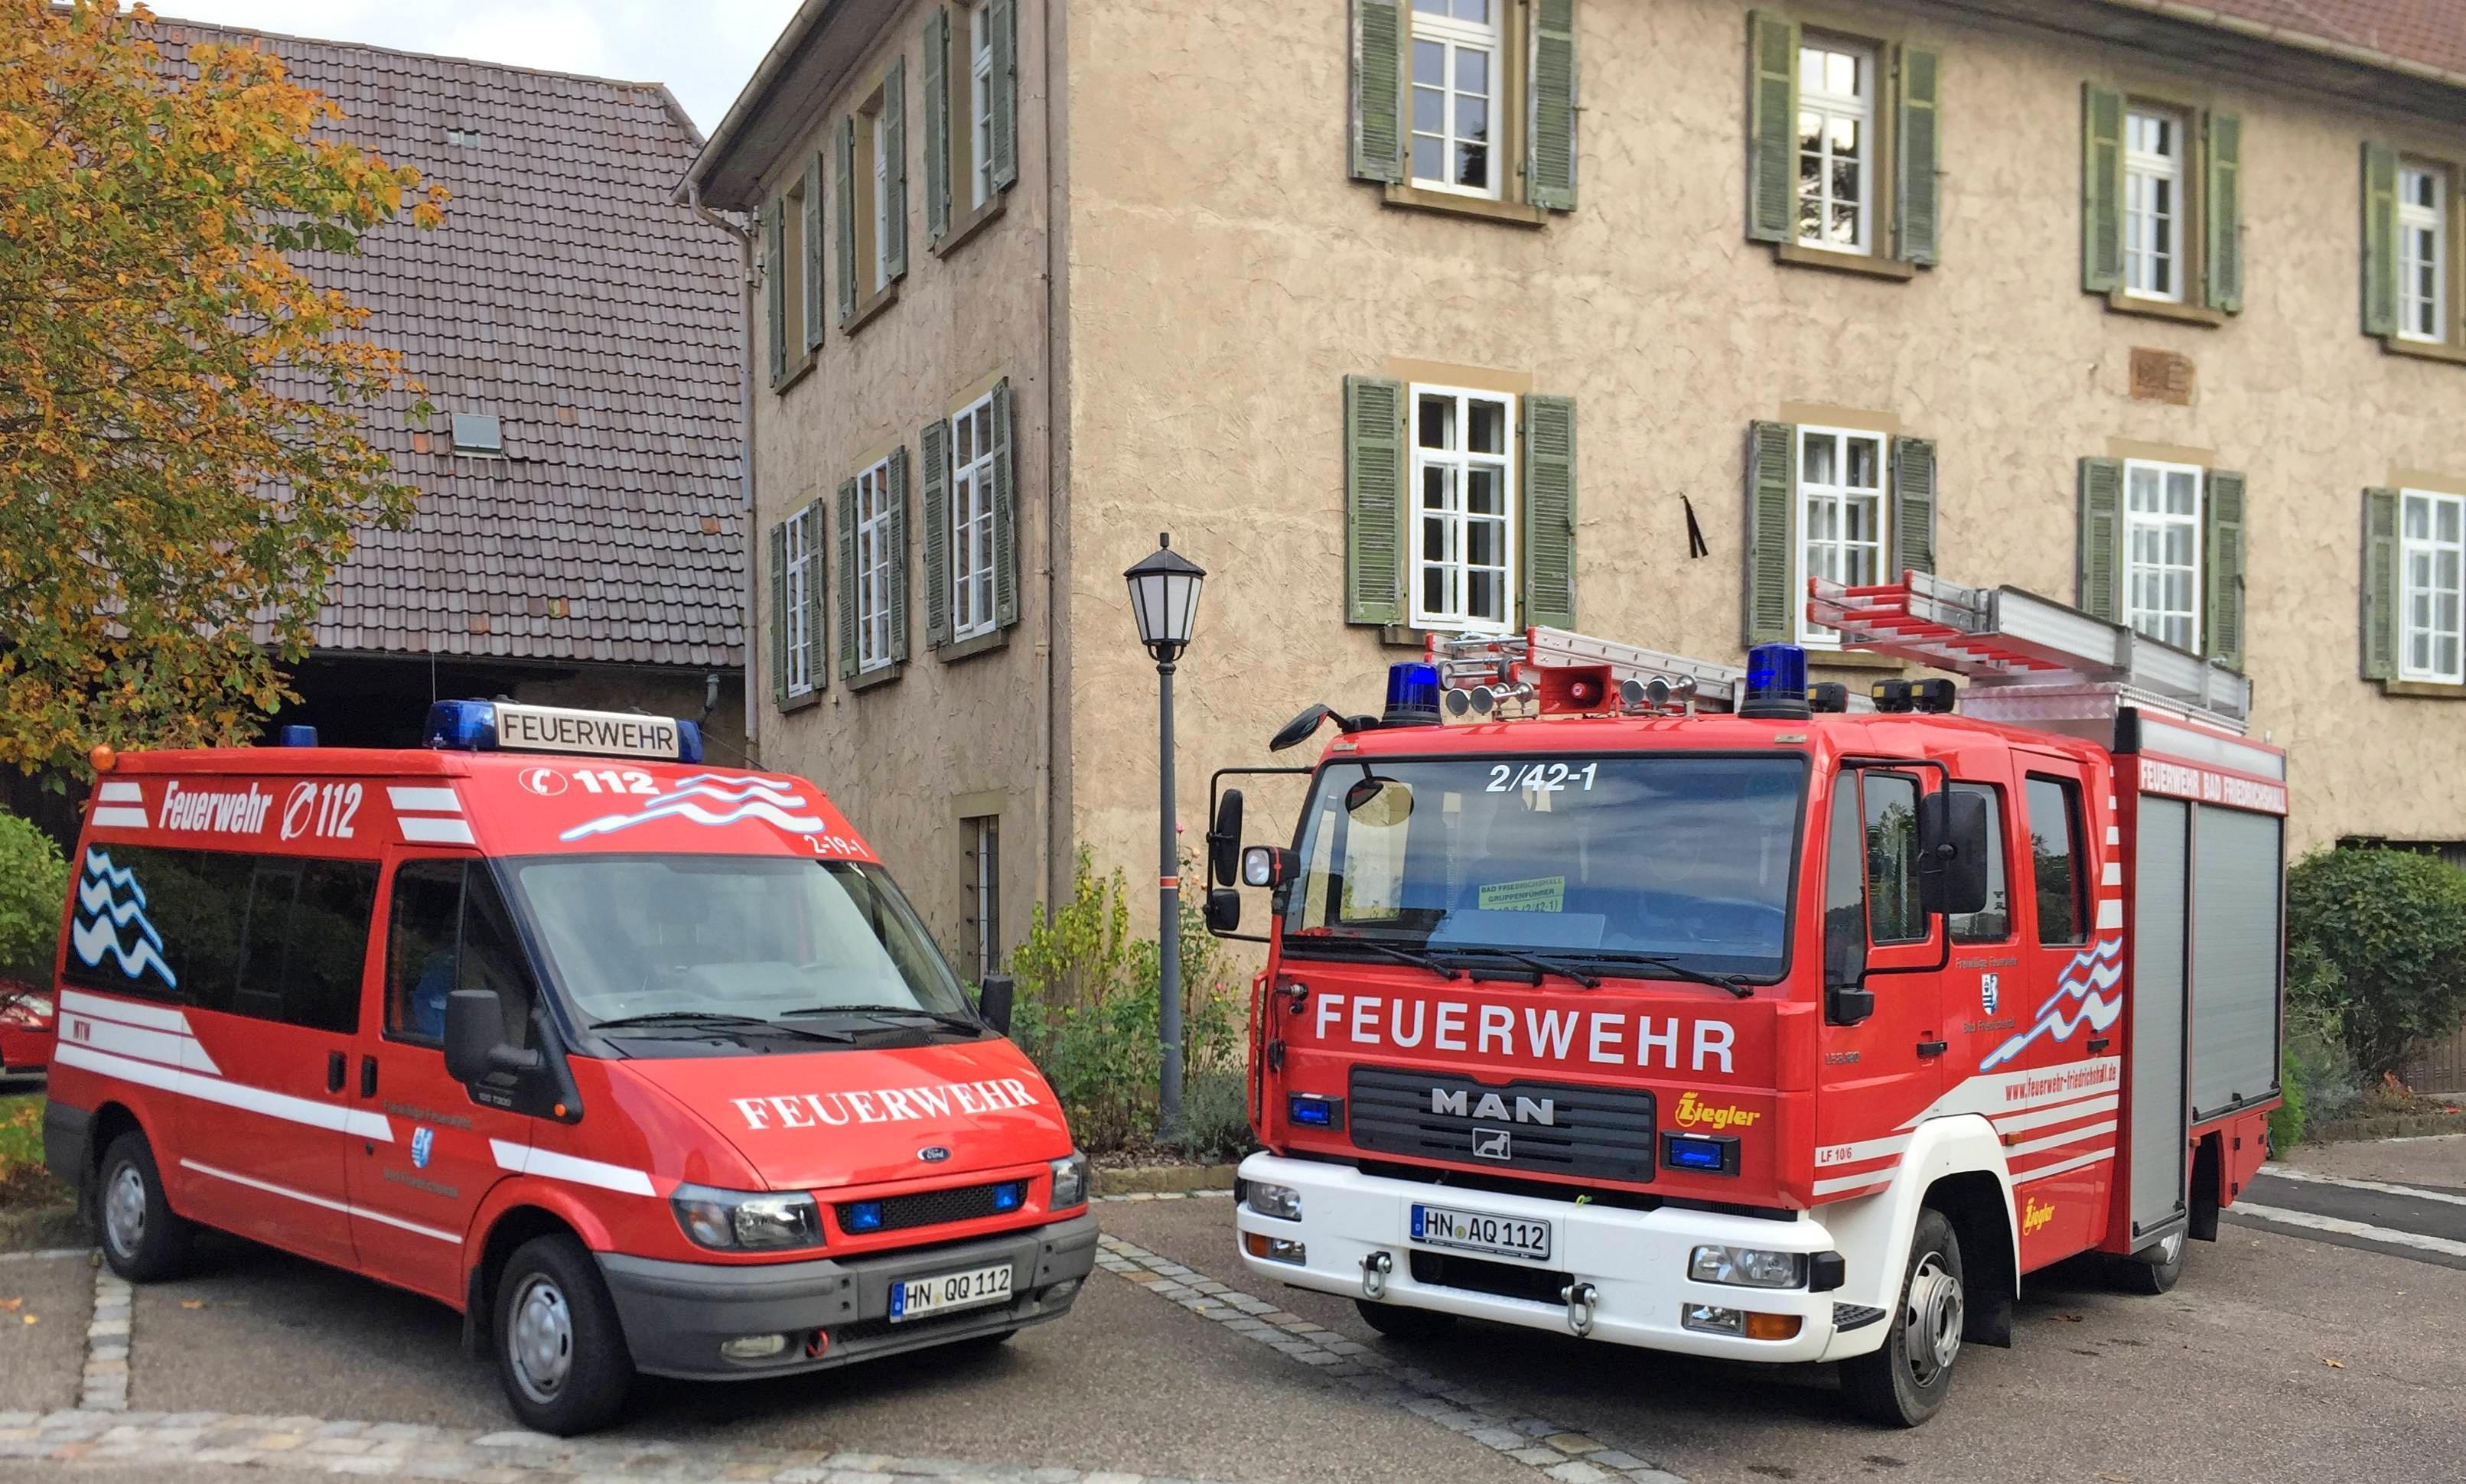 Offene Tür bei der Feuerwehr - Duttenberg Die Freiwillige Feuerwehr lädt am Sonntag, 18. August, zum traditionellen Tag der offenen Tür. Gestartet wird um 10 Uhr. Es gibt durstlöschende Getränke und heiß begehrte Speisen. Foto: privat